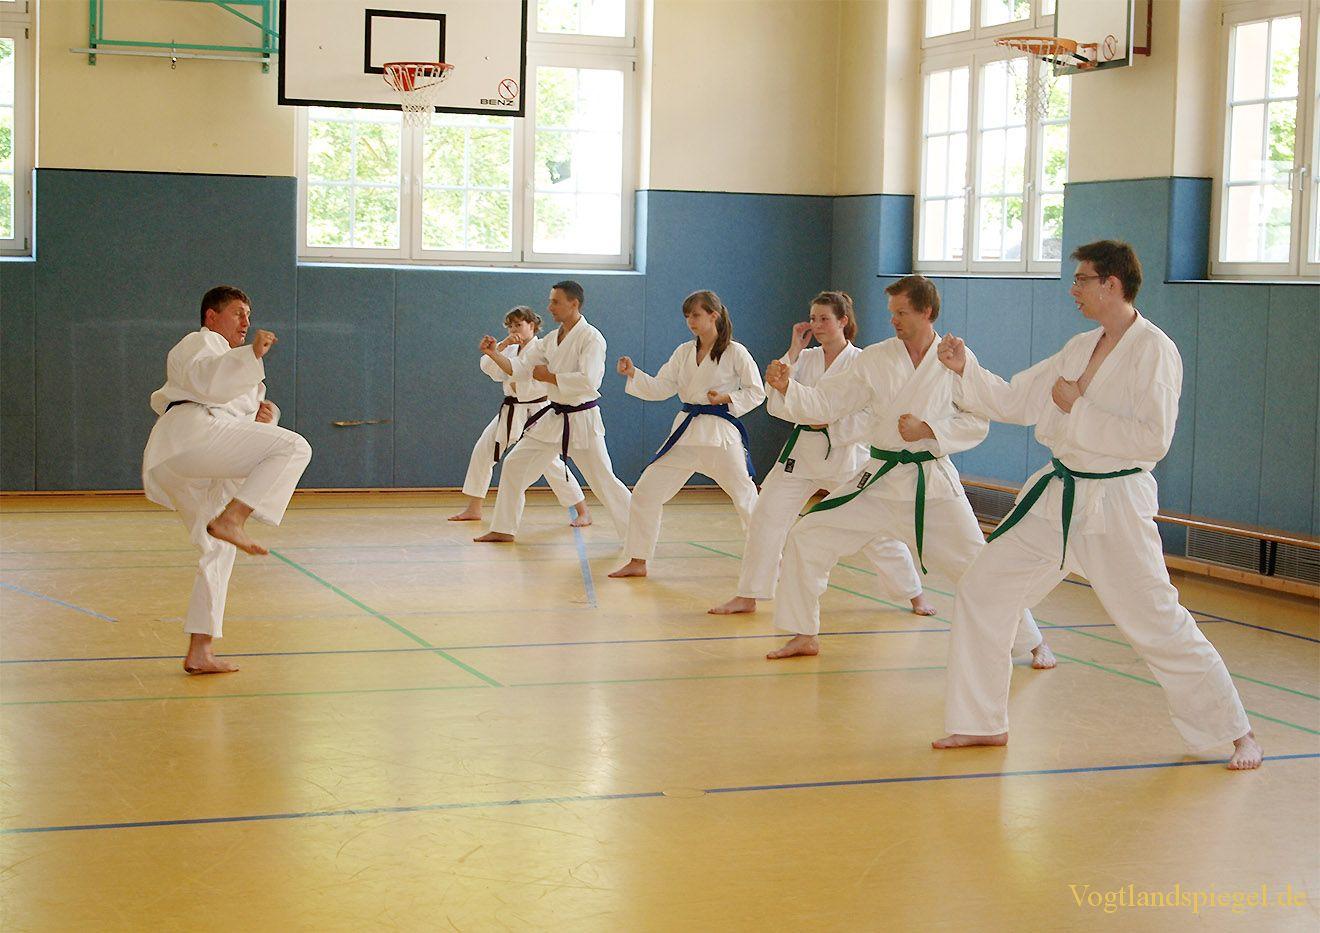 Erste Erfolge in neuer Wettkampfsaison für 1. Greizer Karate Dojo e.V.